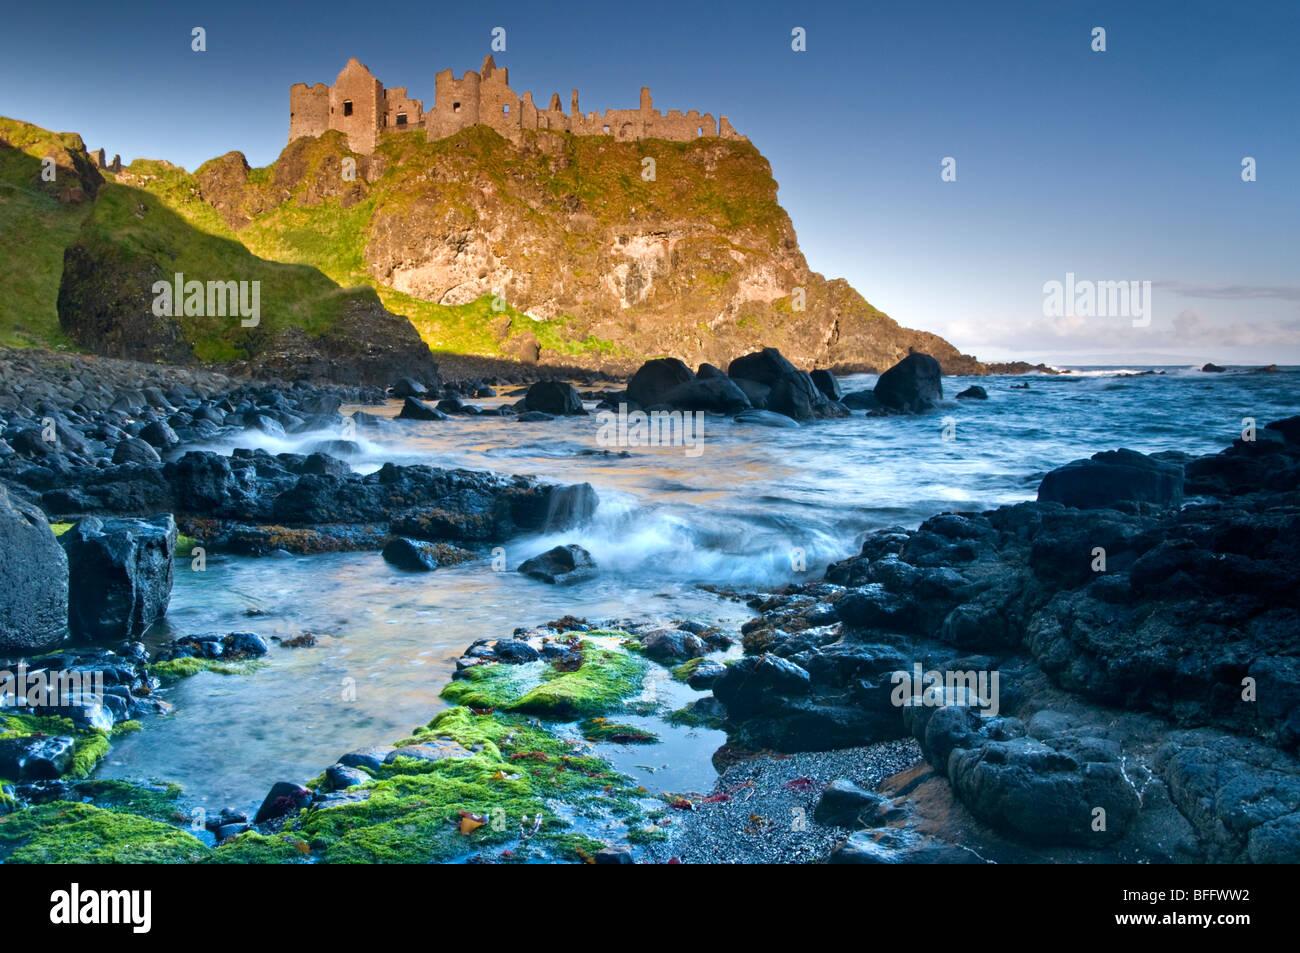 Castillo de Dunluce, Costa de la Herencia, Co. de Antrim, Irlanda del Norte, REINO UNIDO Foto de stock